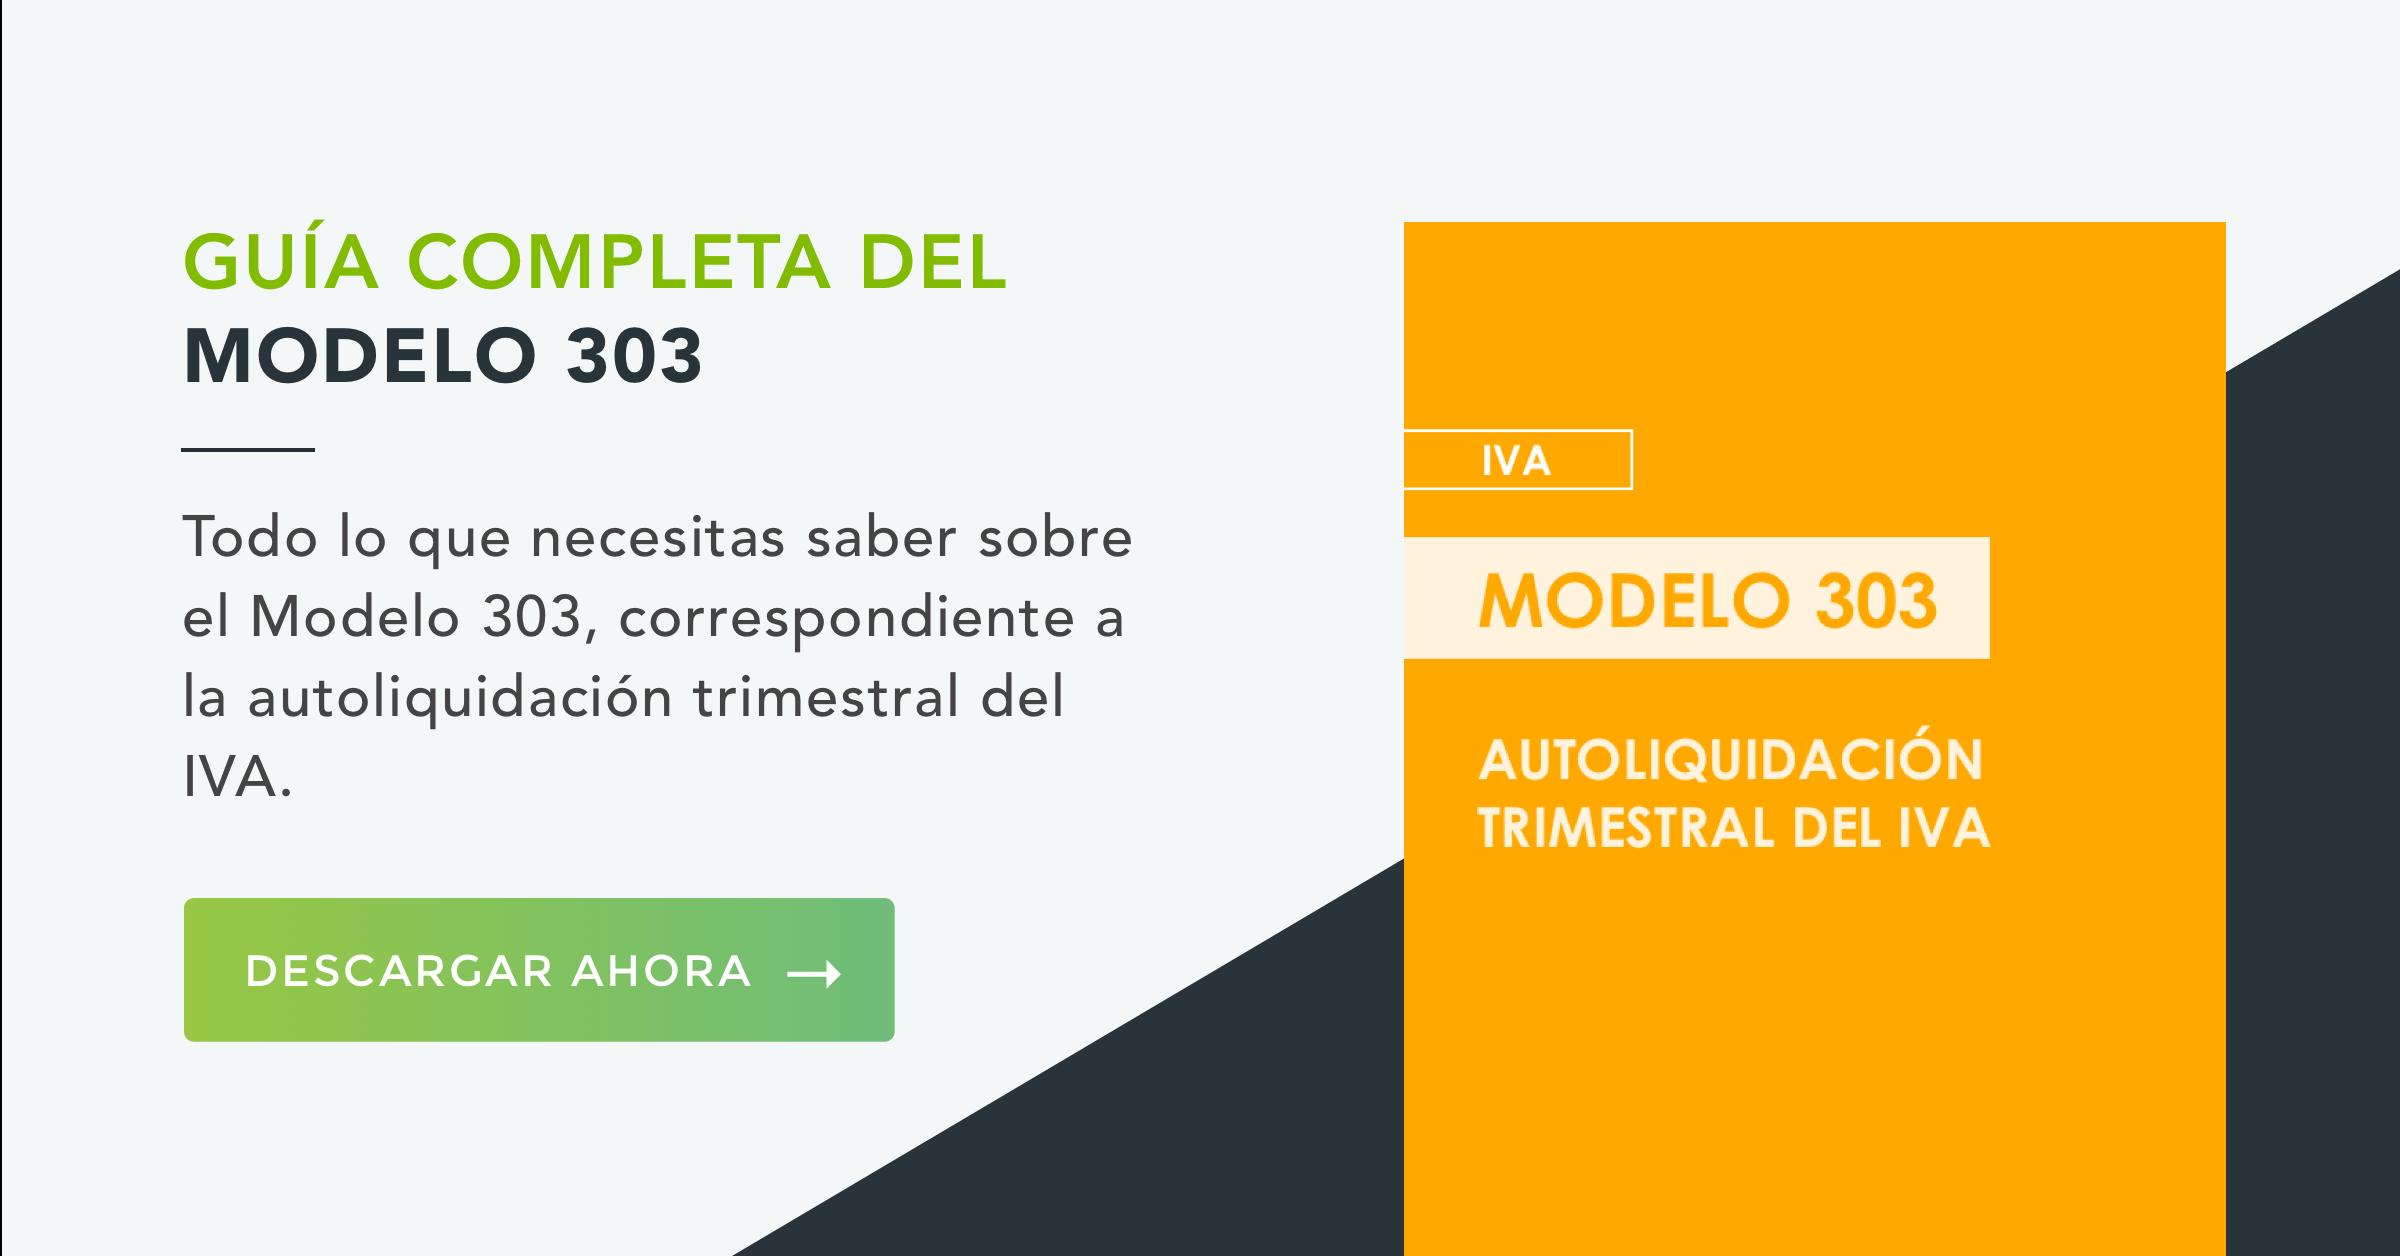 Modelo 303 IVA